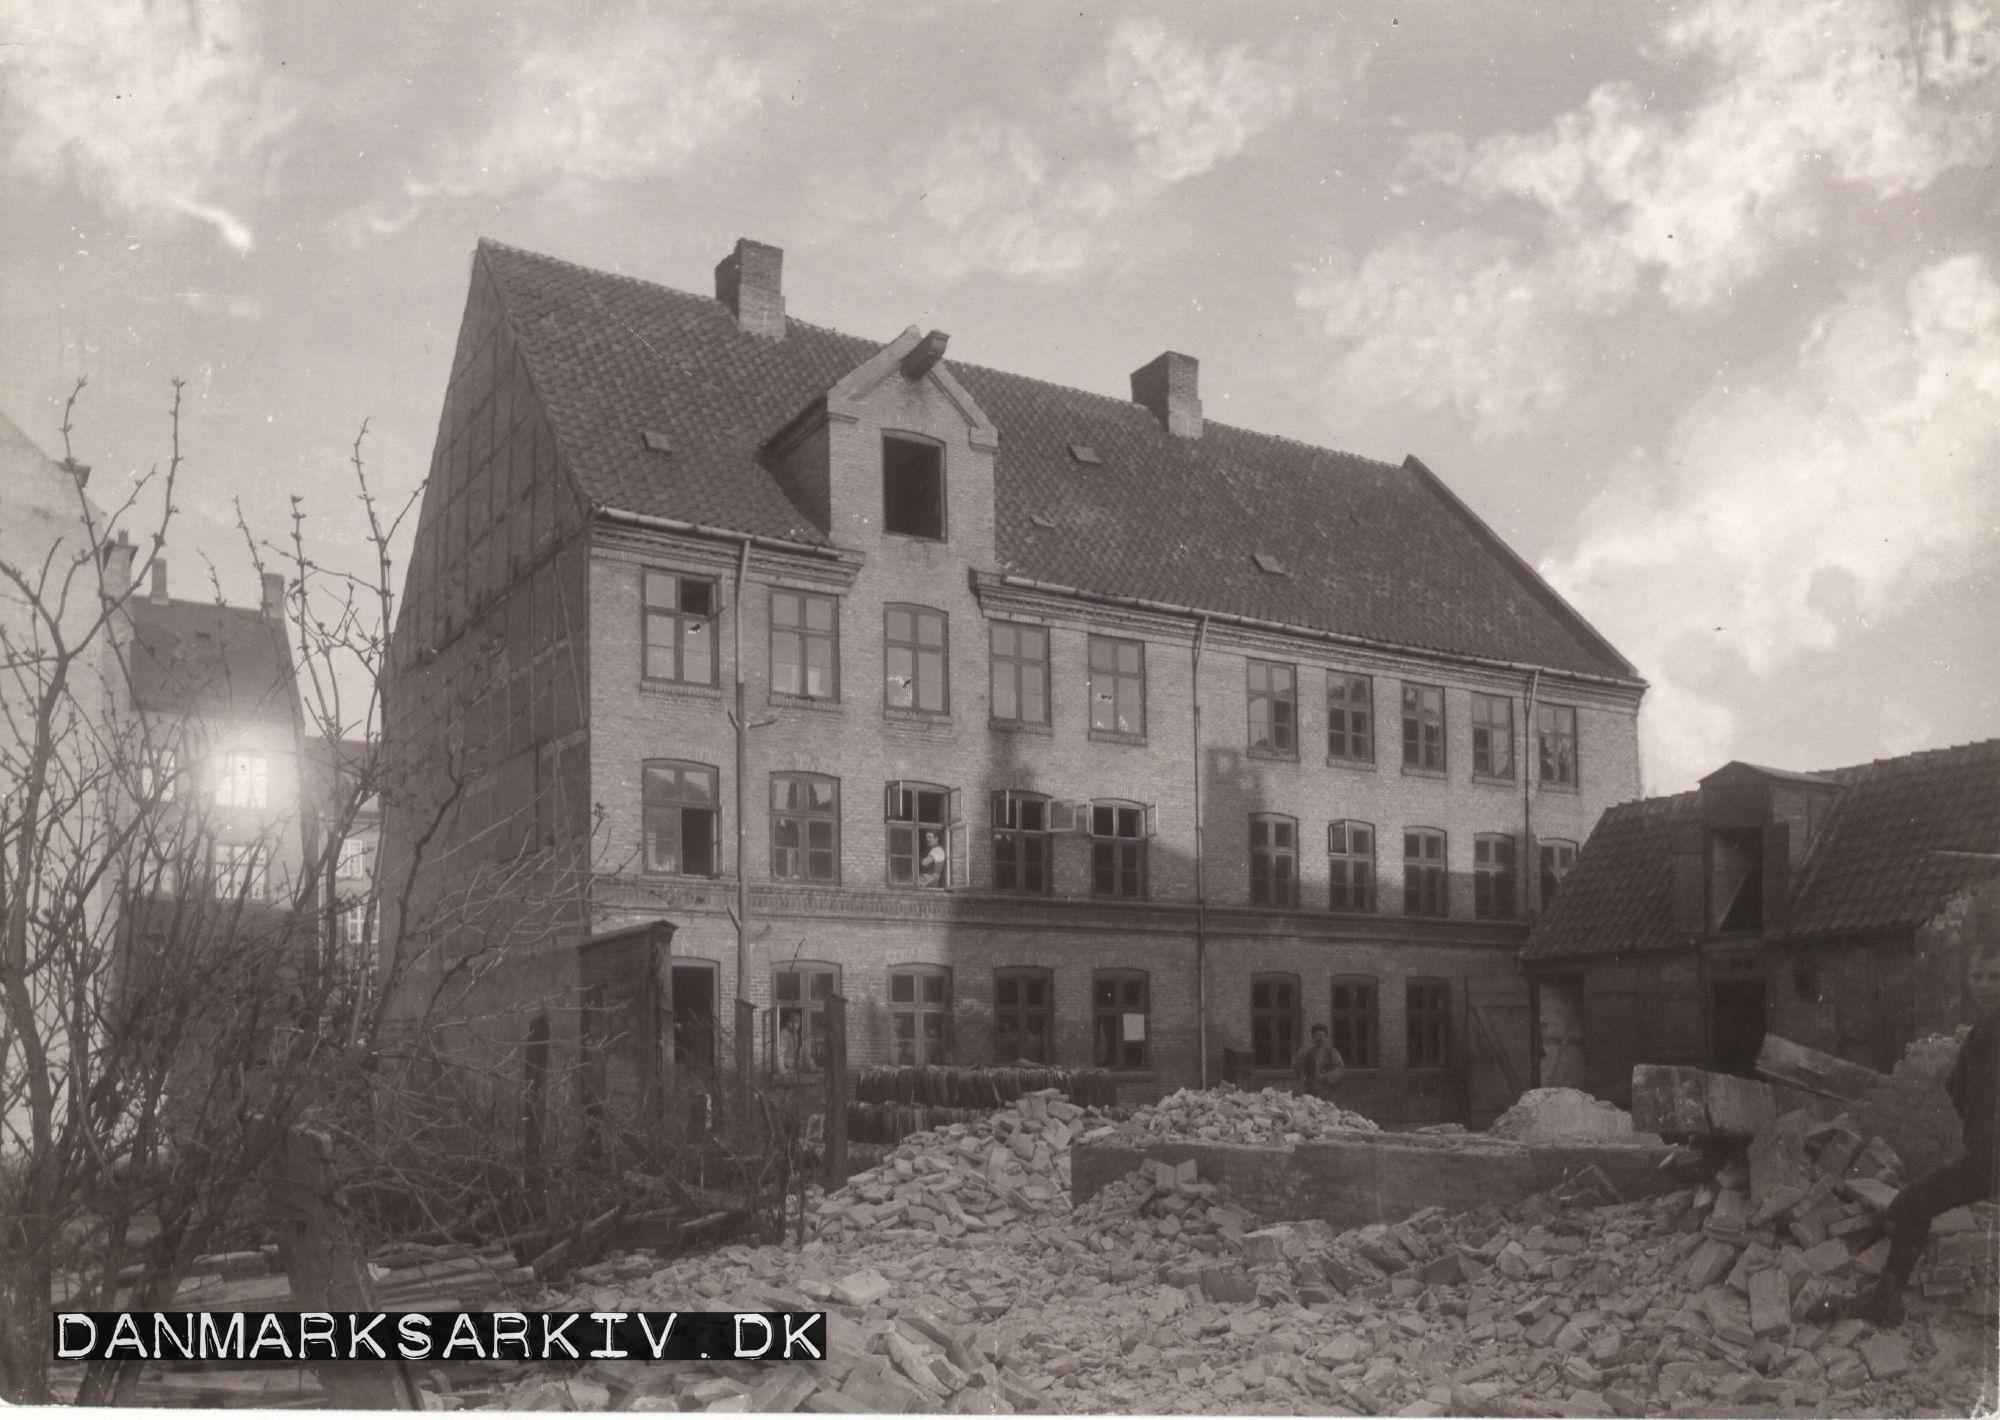 Frederiksberg Kommunes Fattig- og Sygehus på Allégade - 1858-1863